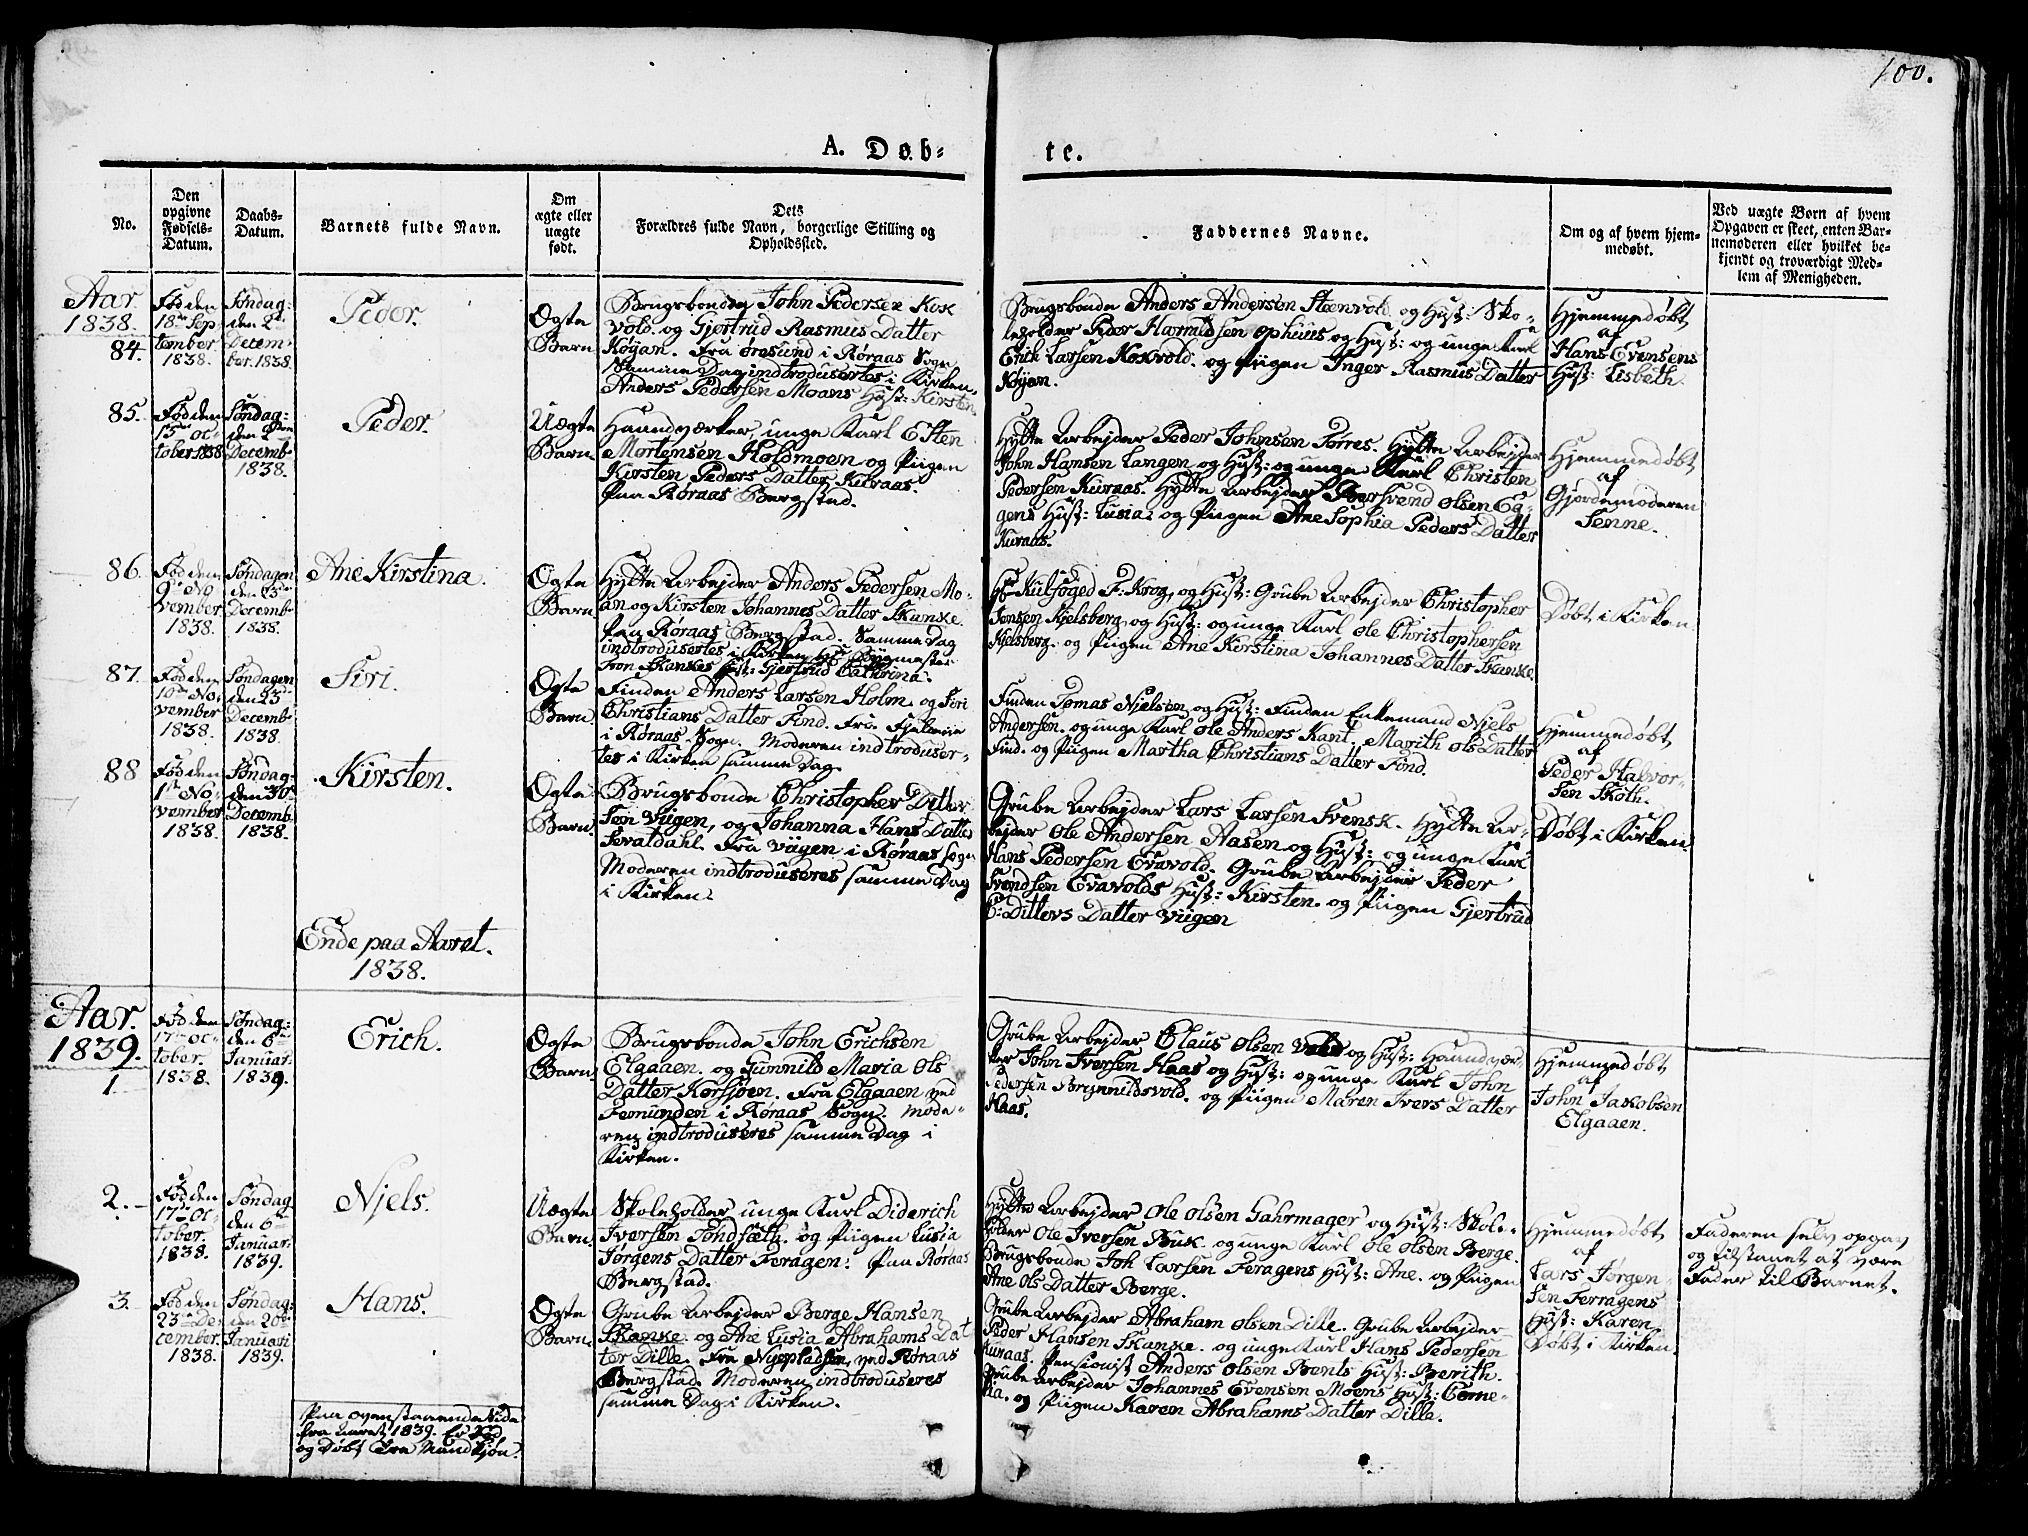 SAT, Ministerialprotokoller, klokkerbøker og fødselsregistre - Sør-Trøndelag, 681/L0938: Klokkerbok nr. 681C02, 1829-1879, s. 100